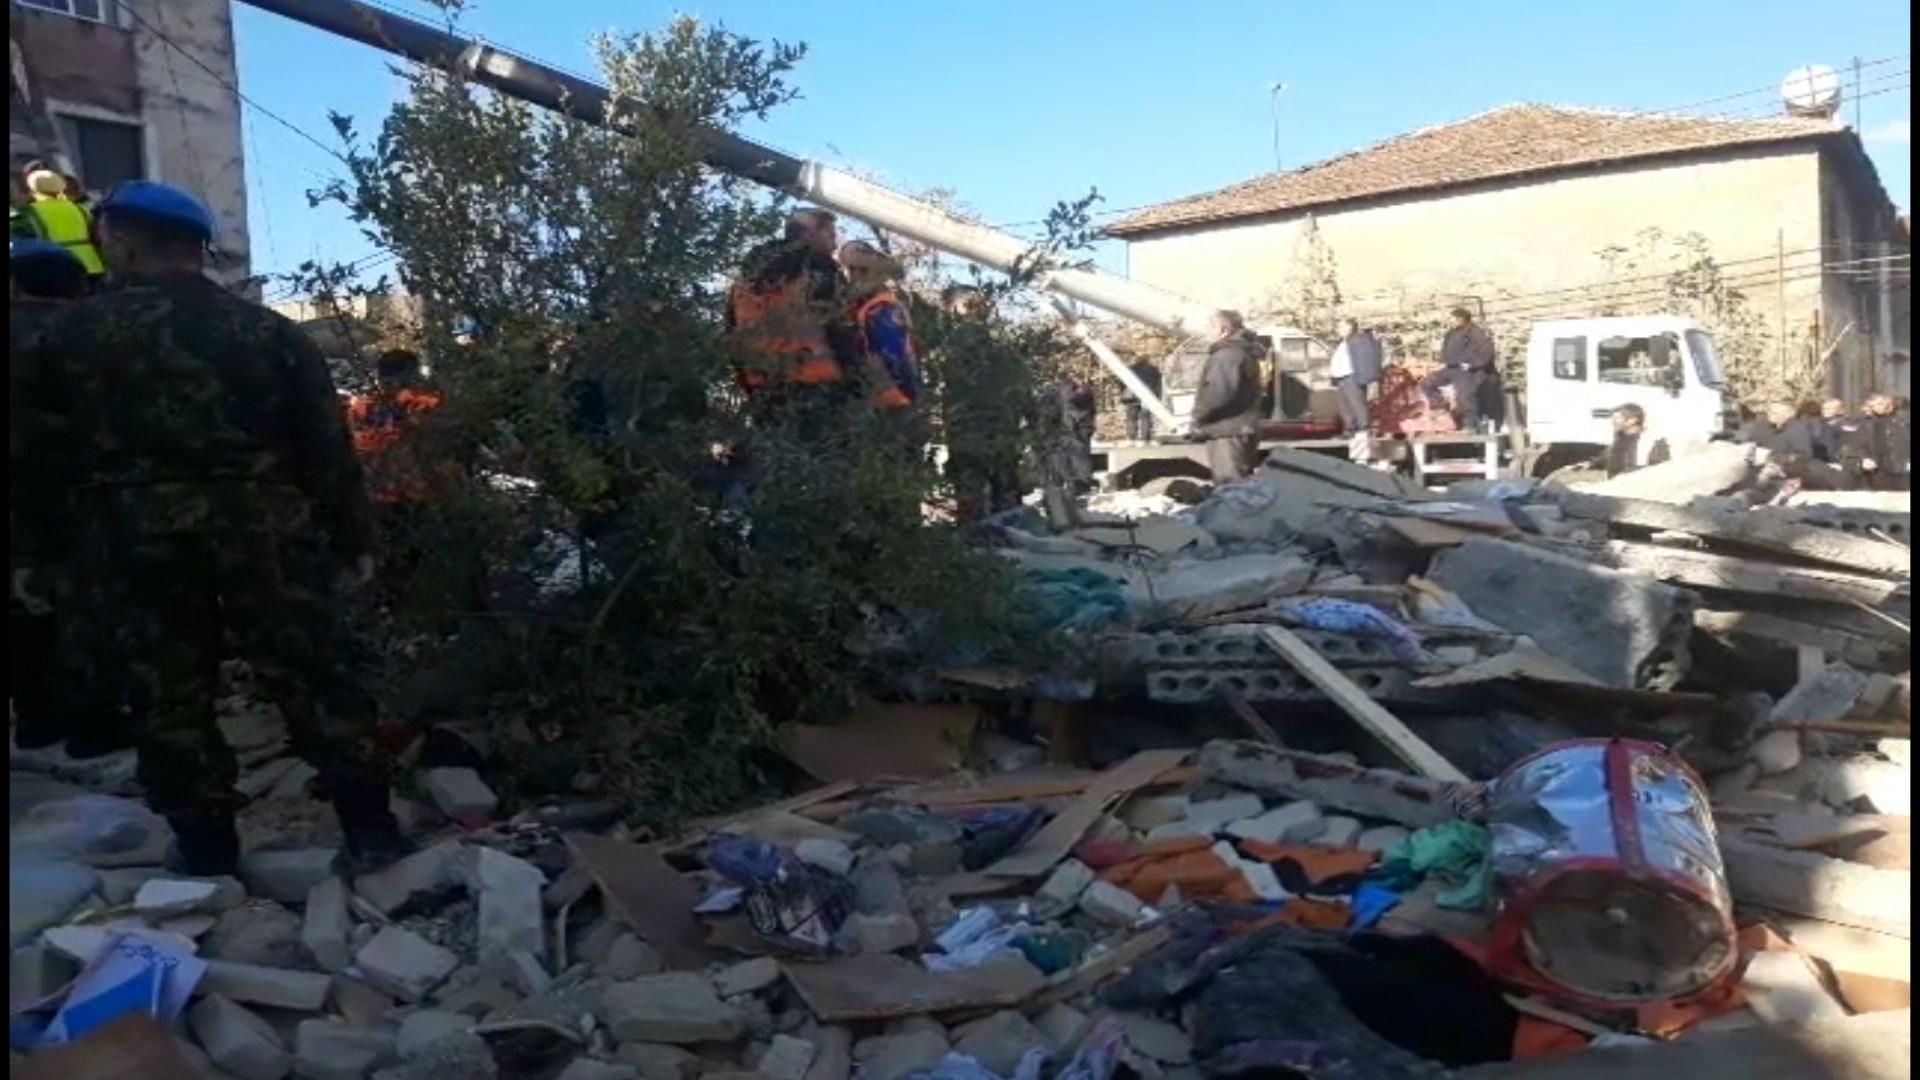 Tërmeti tragjik në Shqipëri, Kosova nesër në ditë zie kombëtare